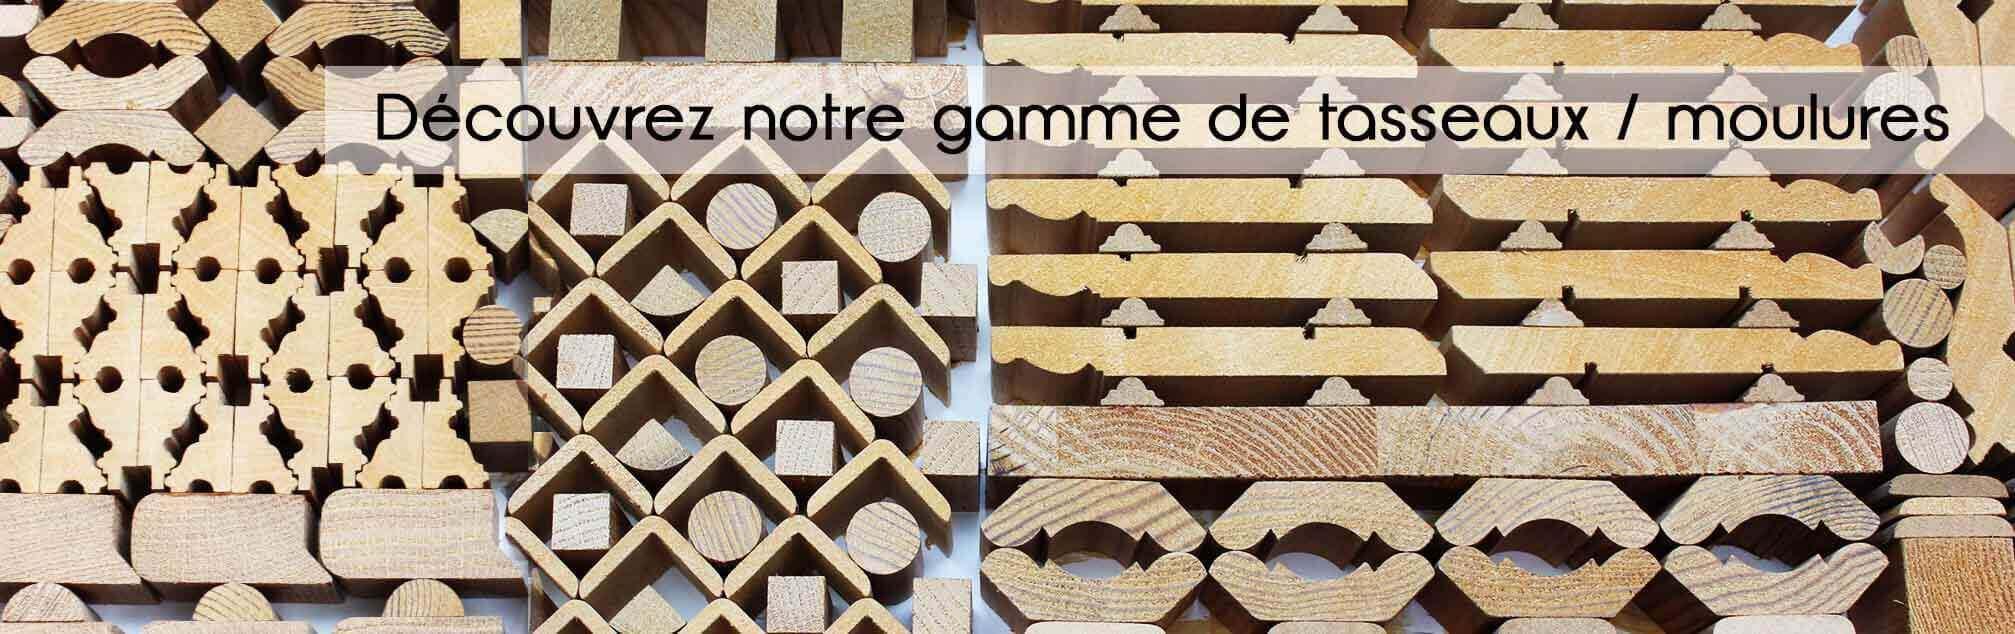 Tasseau Bois Exotique Exterieur tasseaux - moulures - gascogne bois